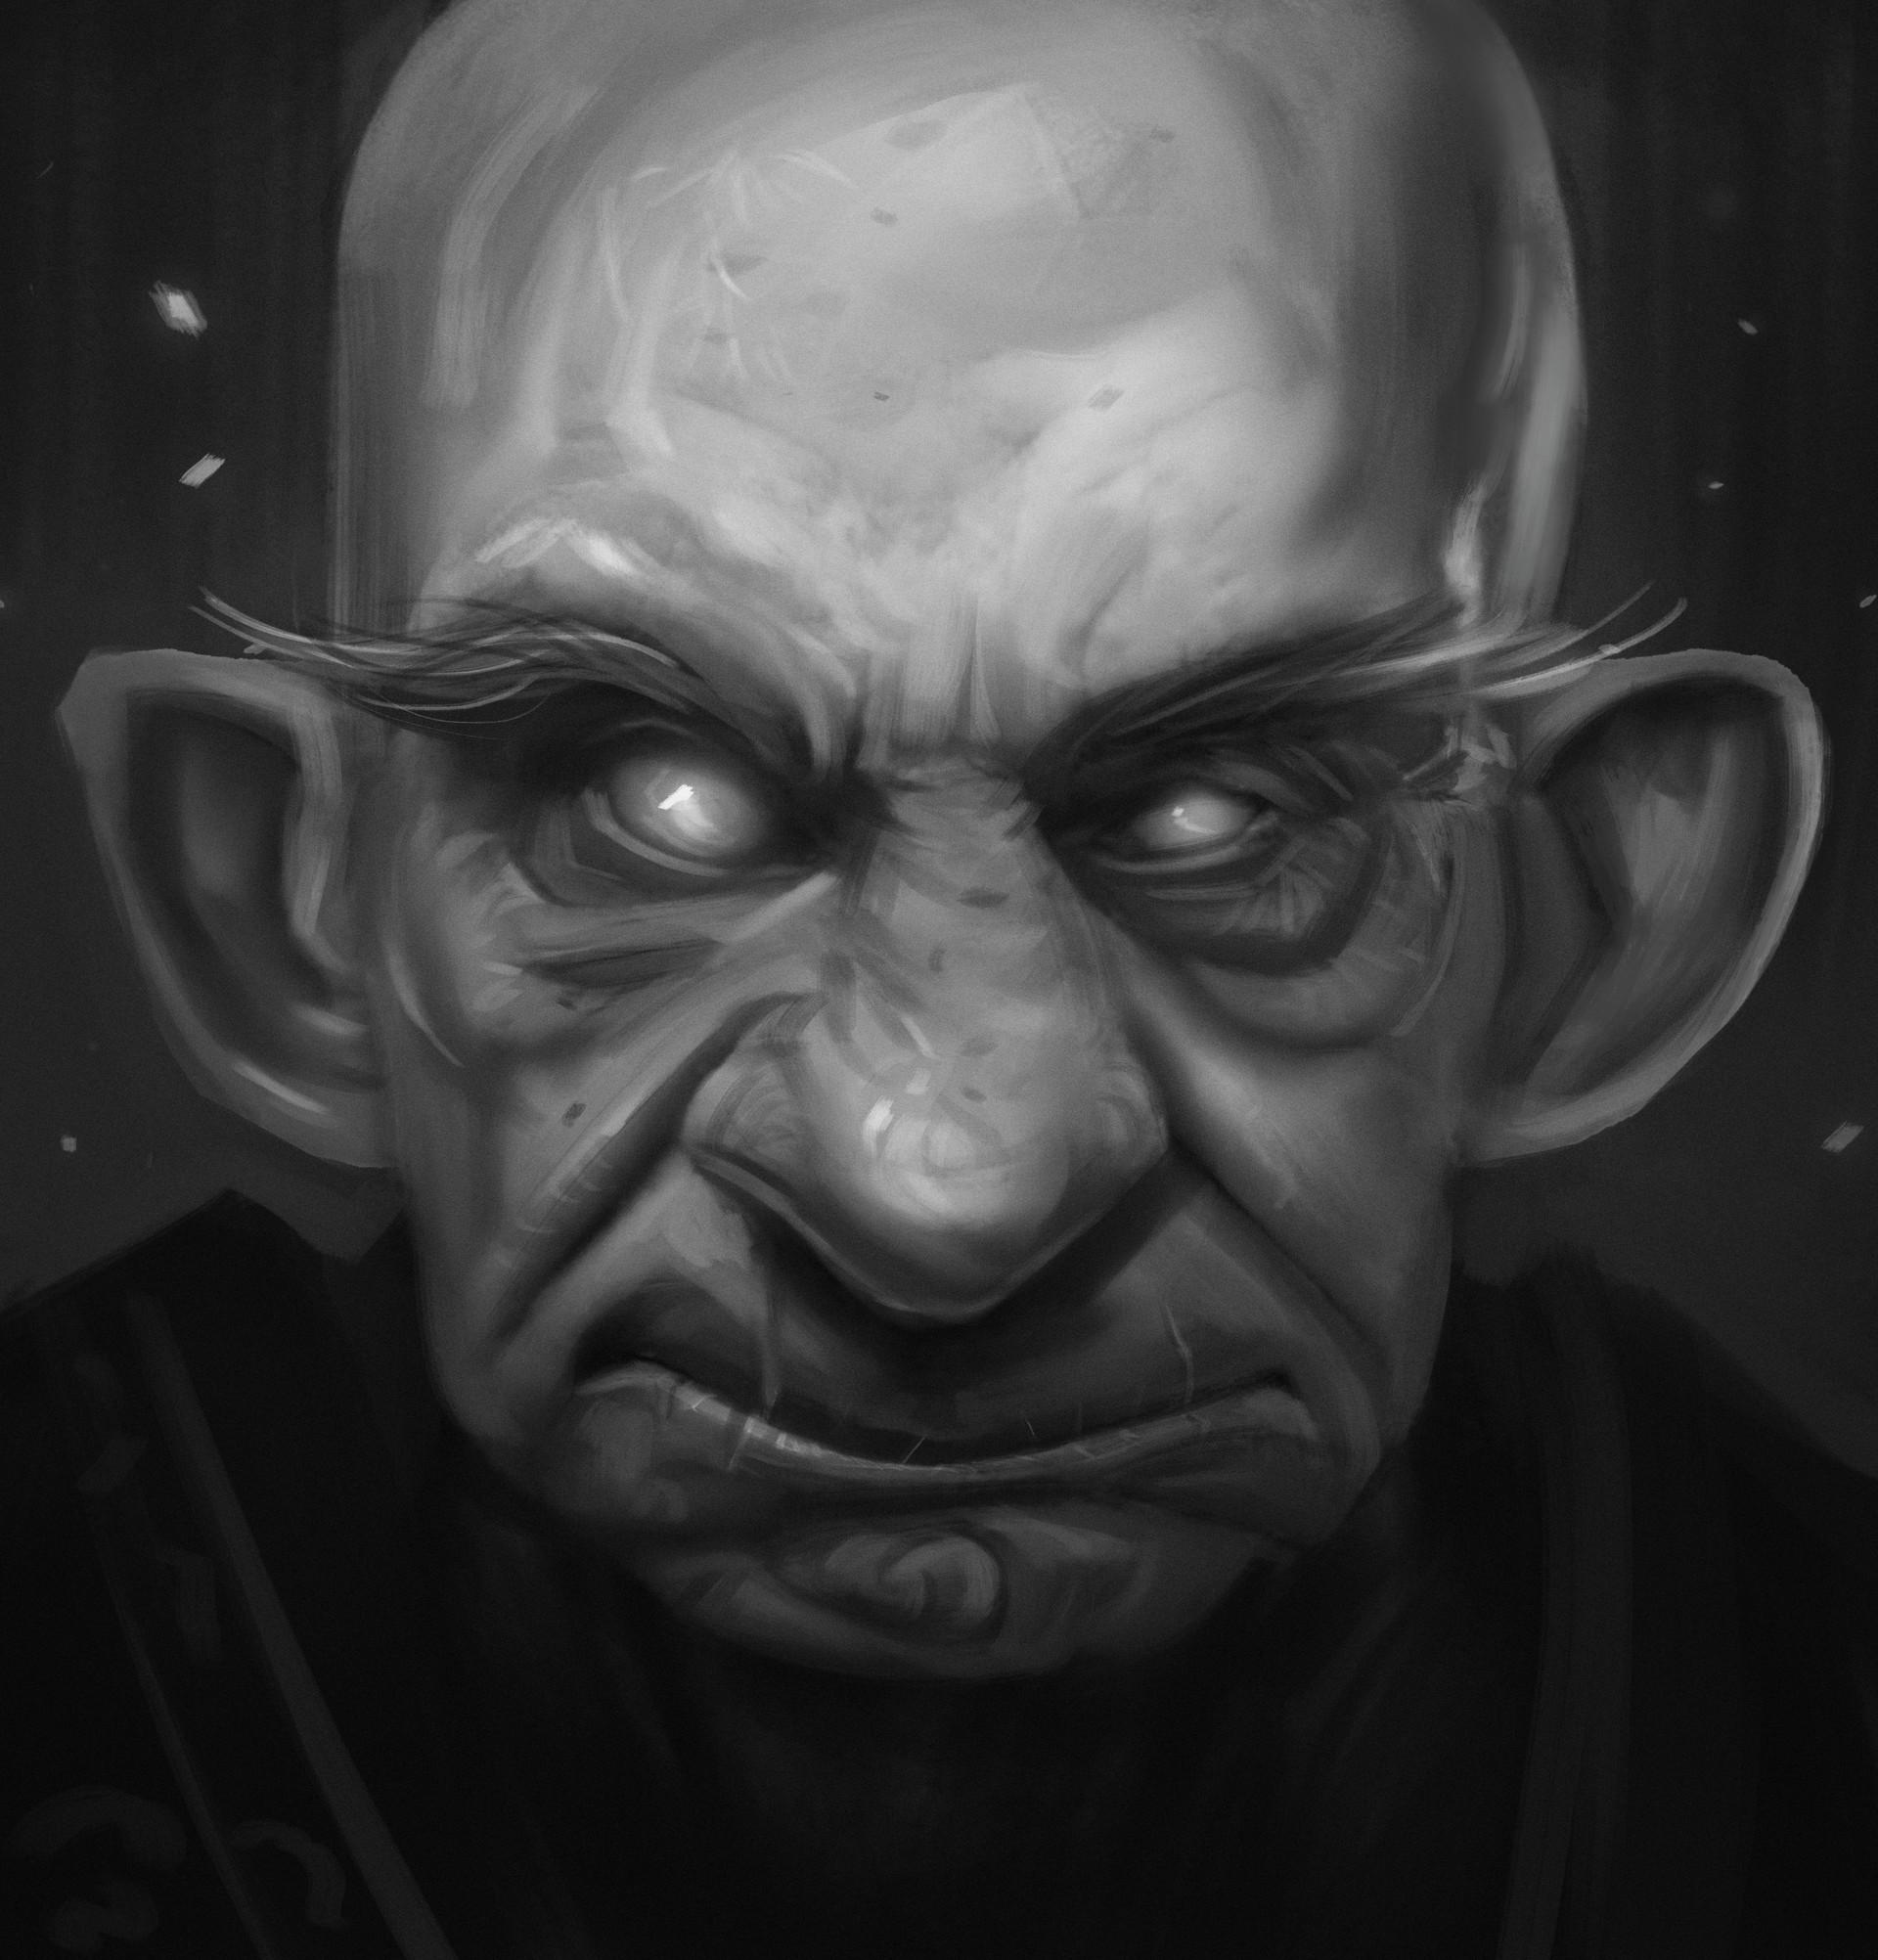 Drakhas oguzalp donduren portrait 6